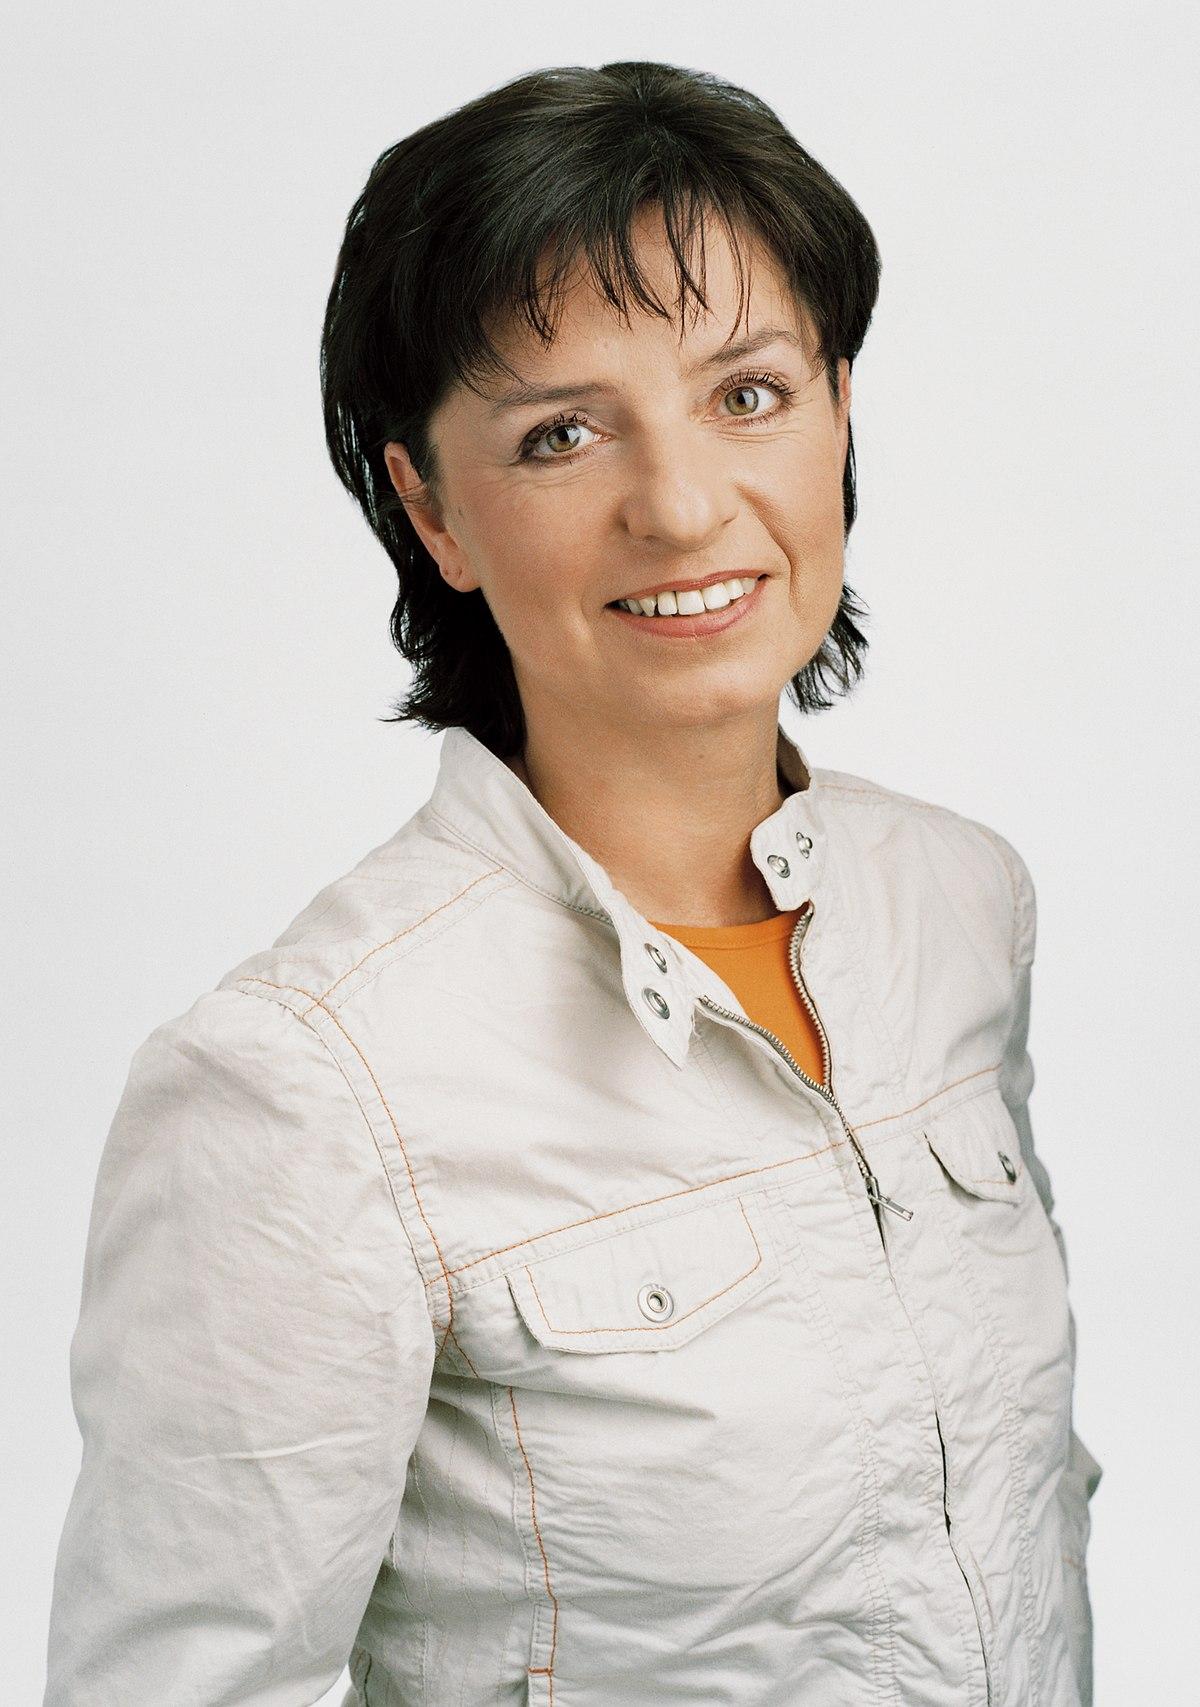 Ingrid Kelemen